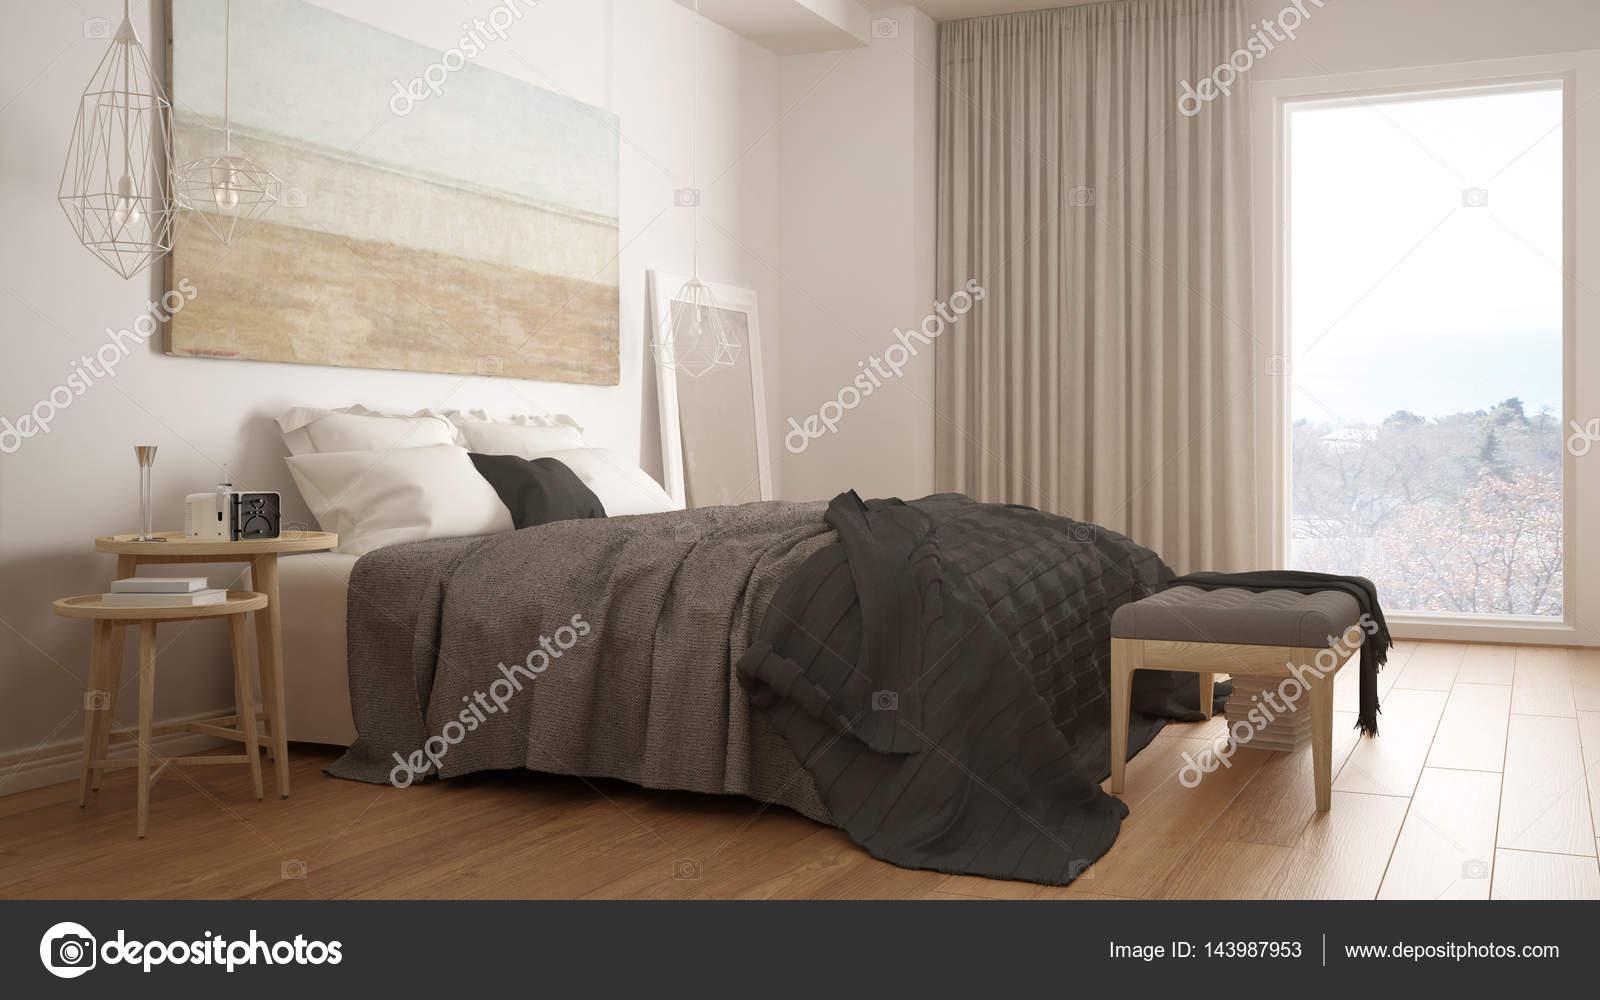 Slaapkamer Scandinavische Stijl : Klassieke slaapkamer moderne scandinavische stijl